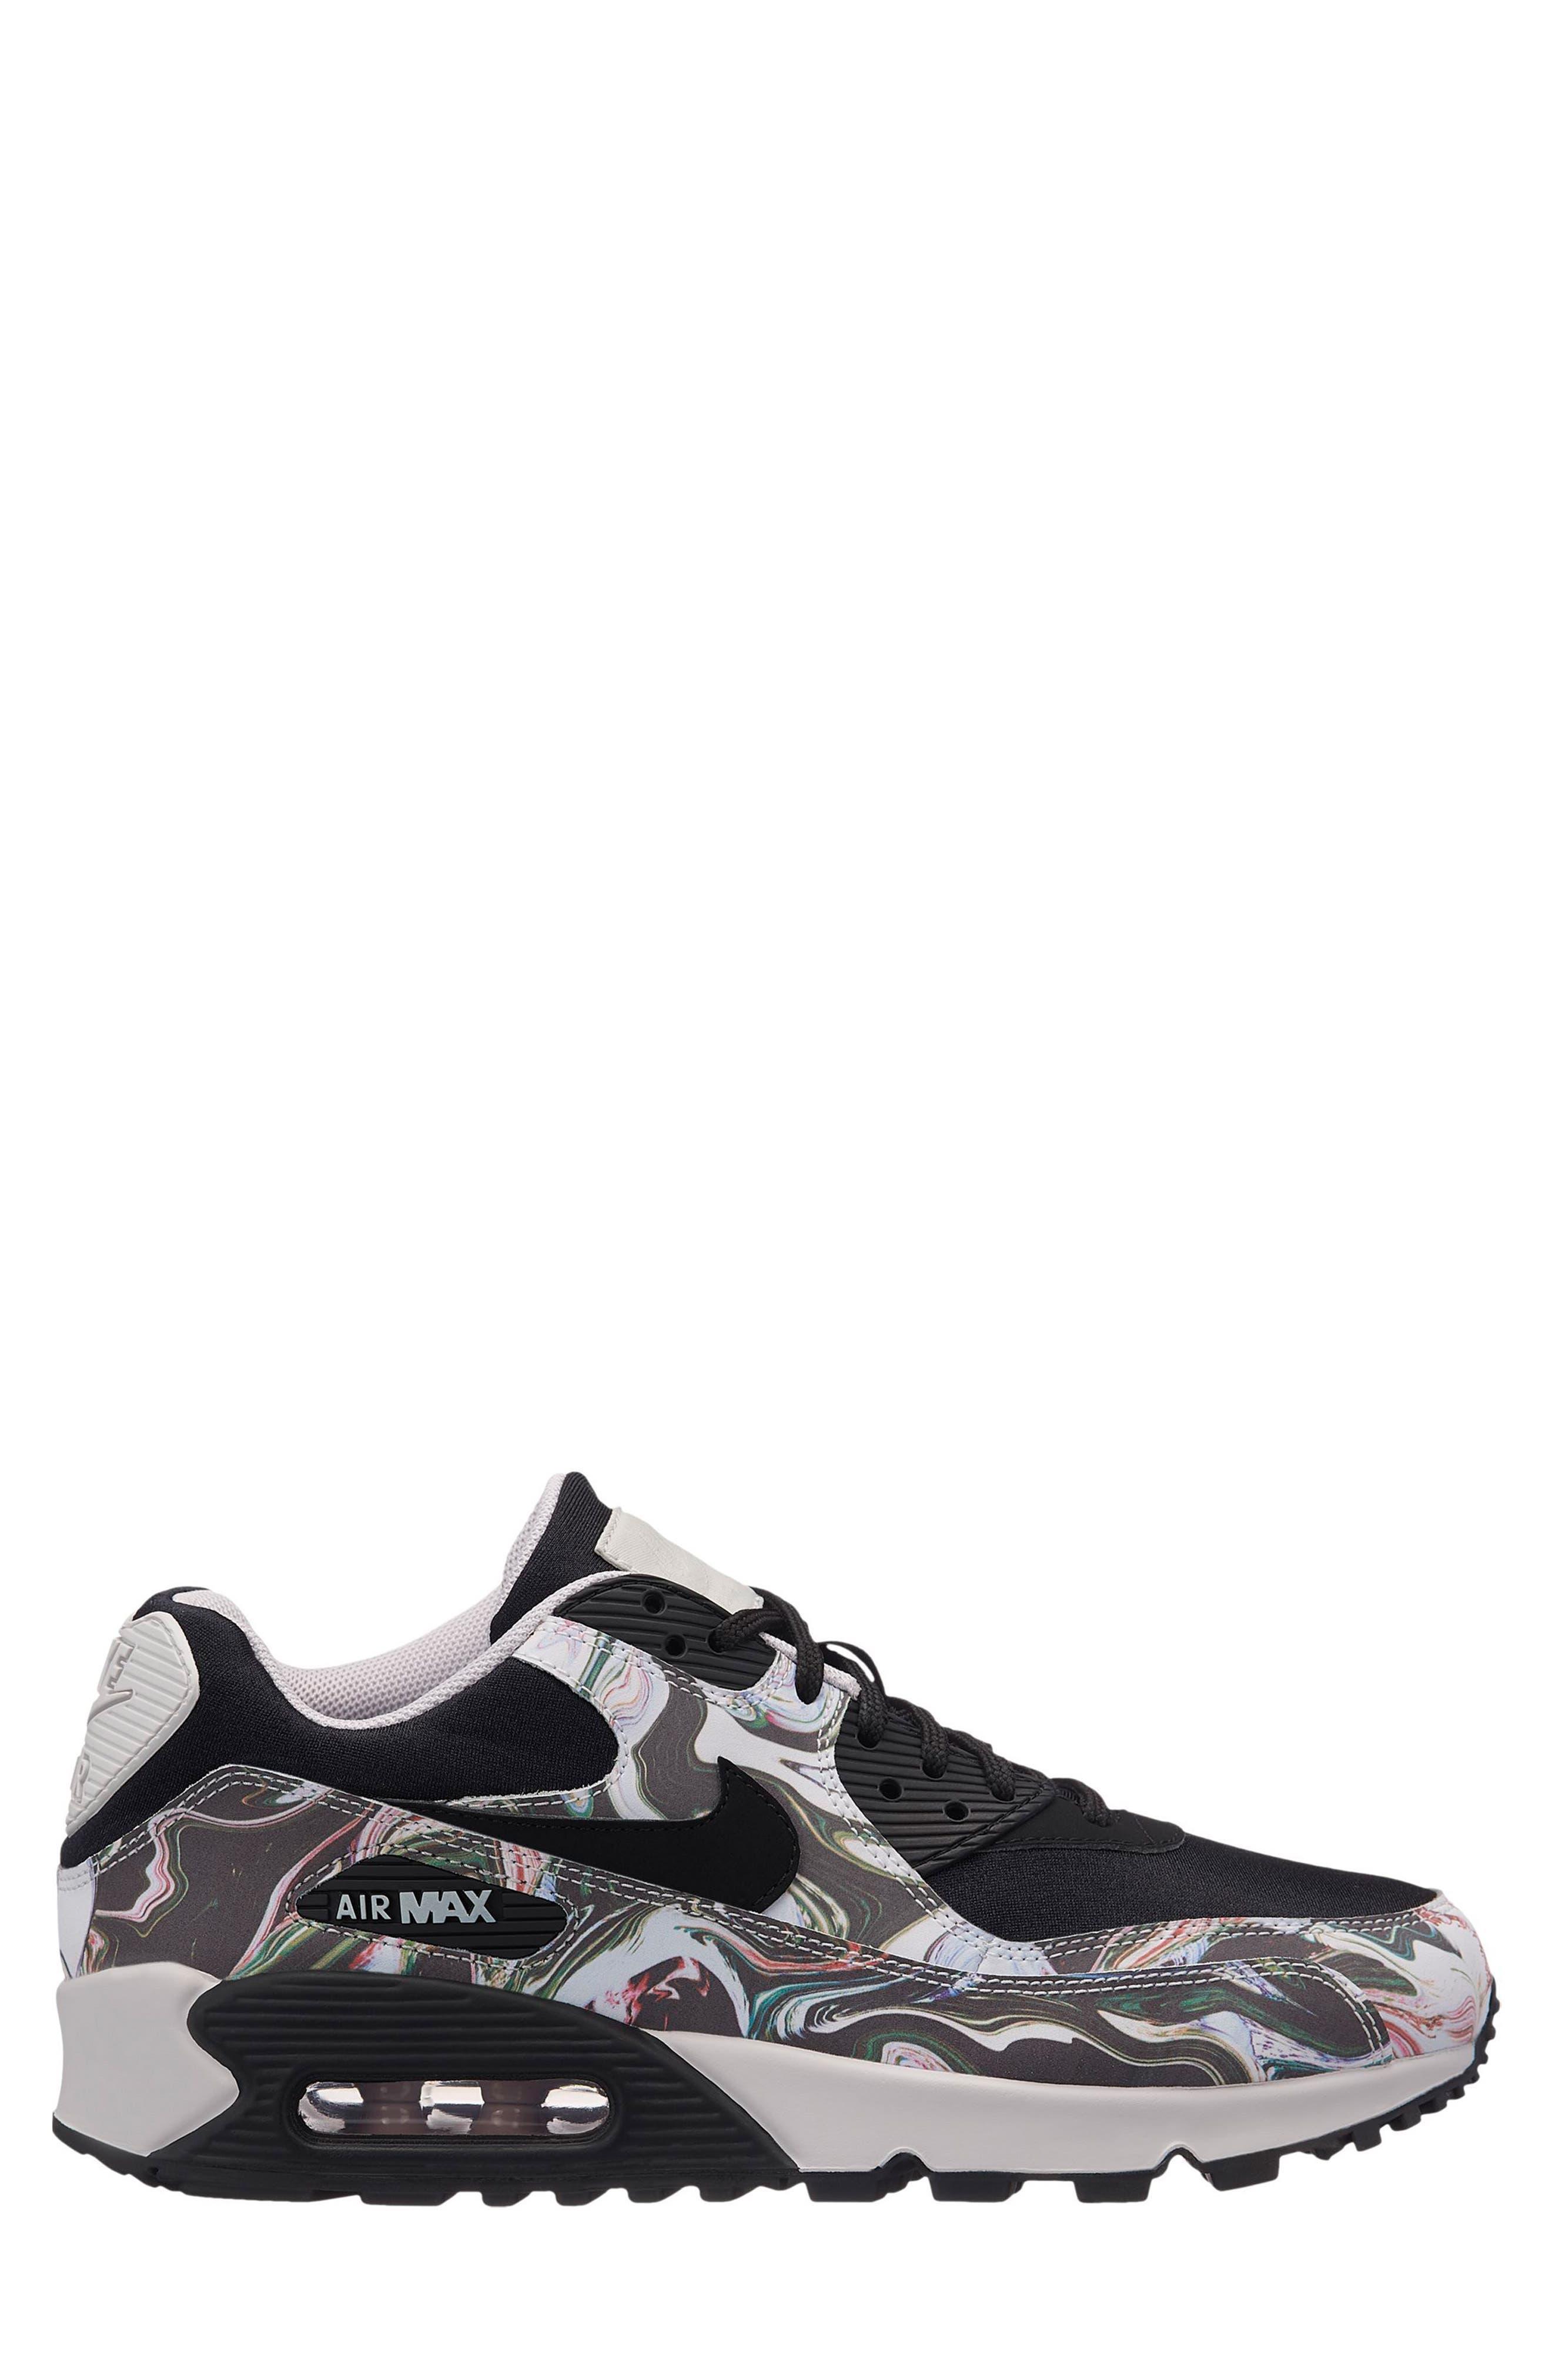 Main Image - Nike Air Max 90 Marble Sneaker (Women)